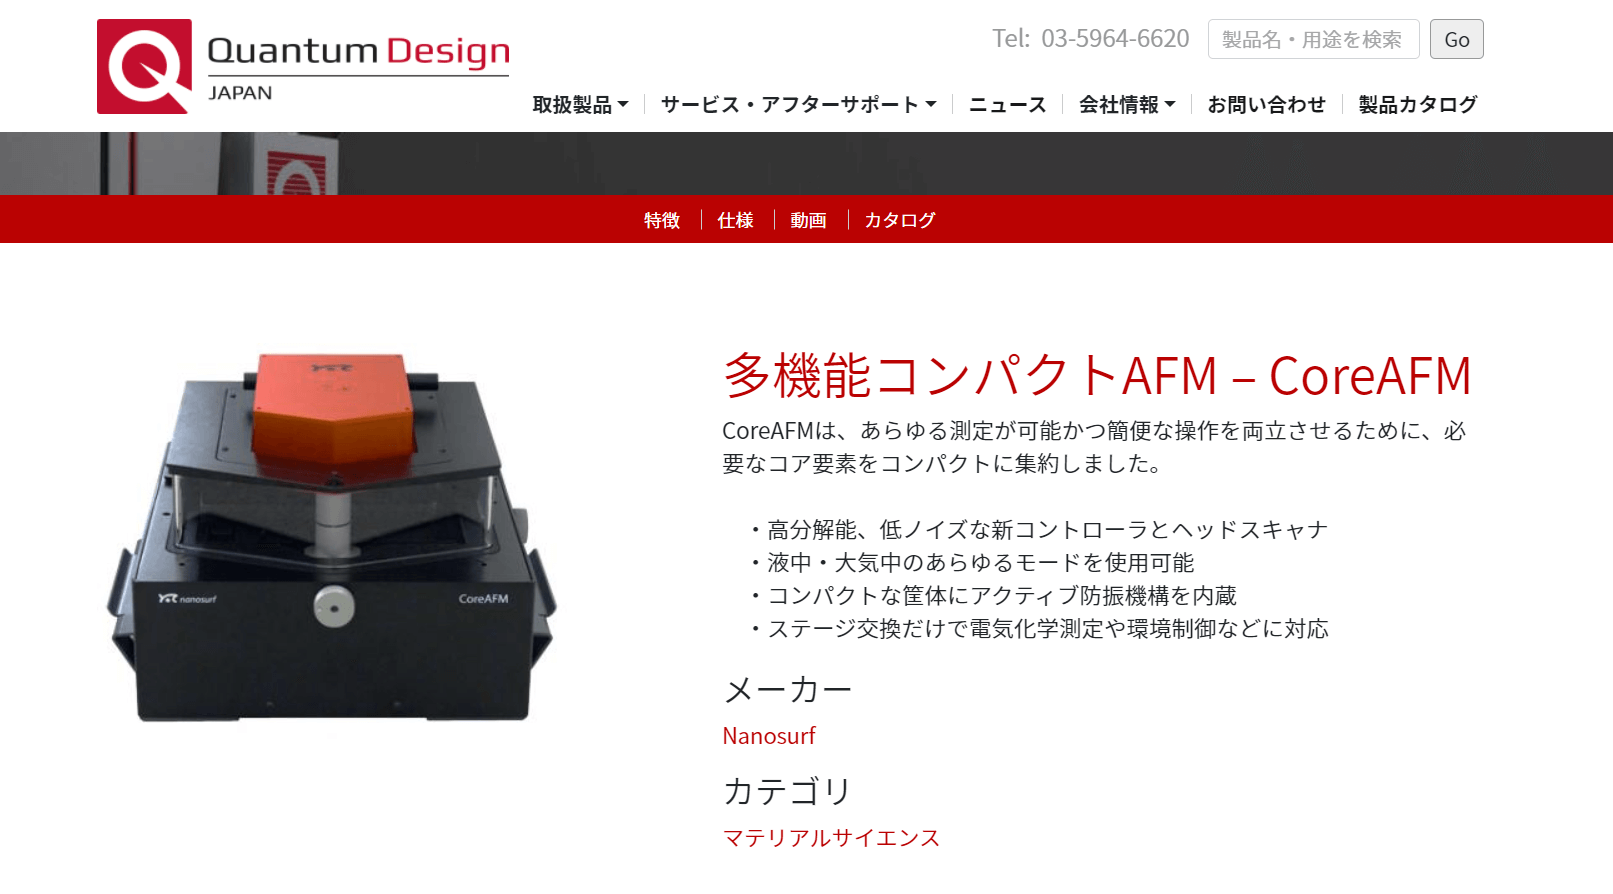 多機能コンパクトAFM – CoreAFM